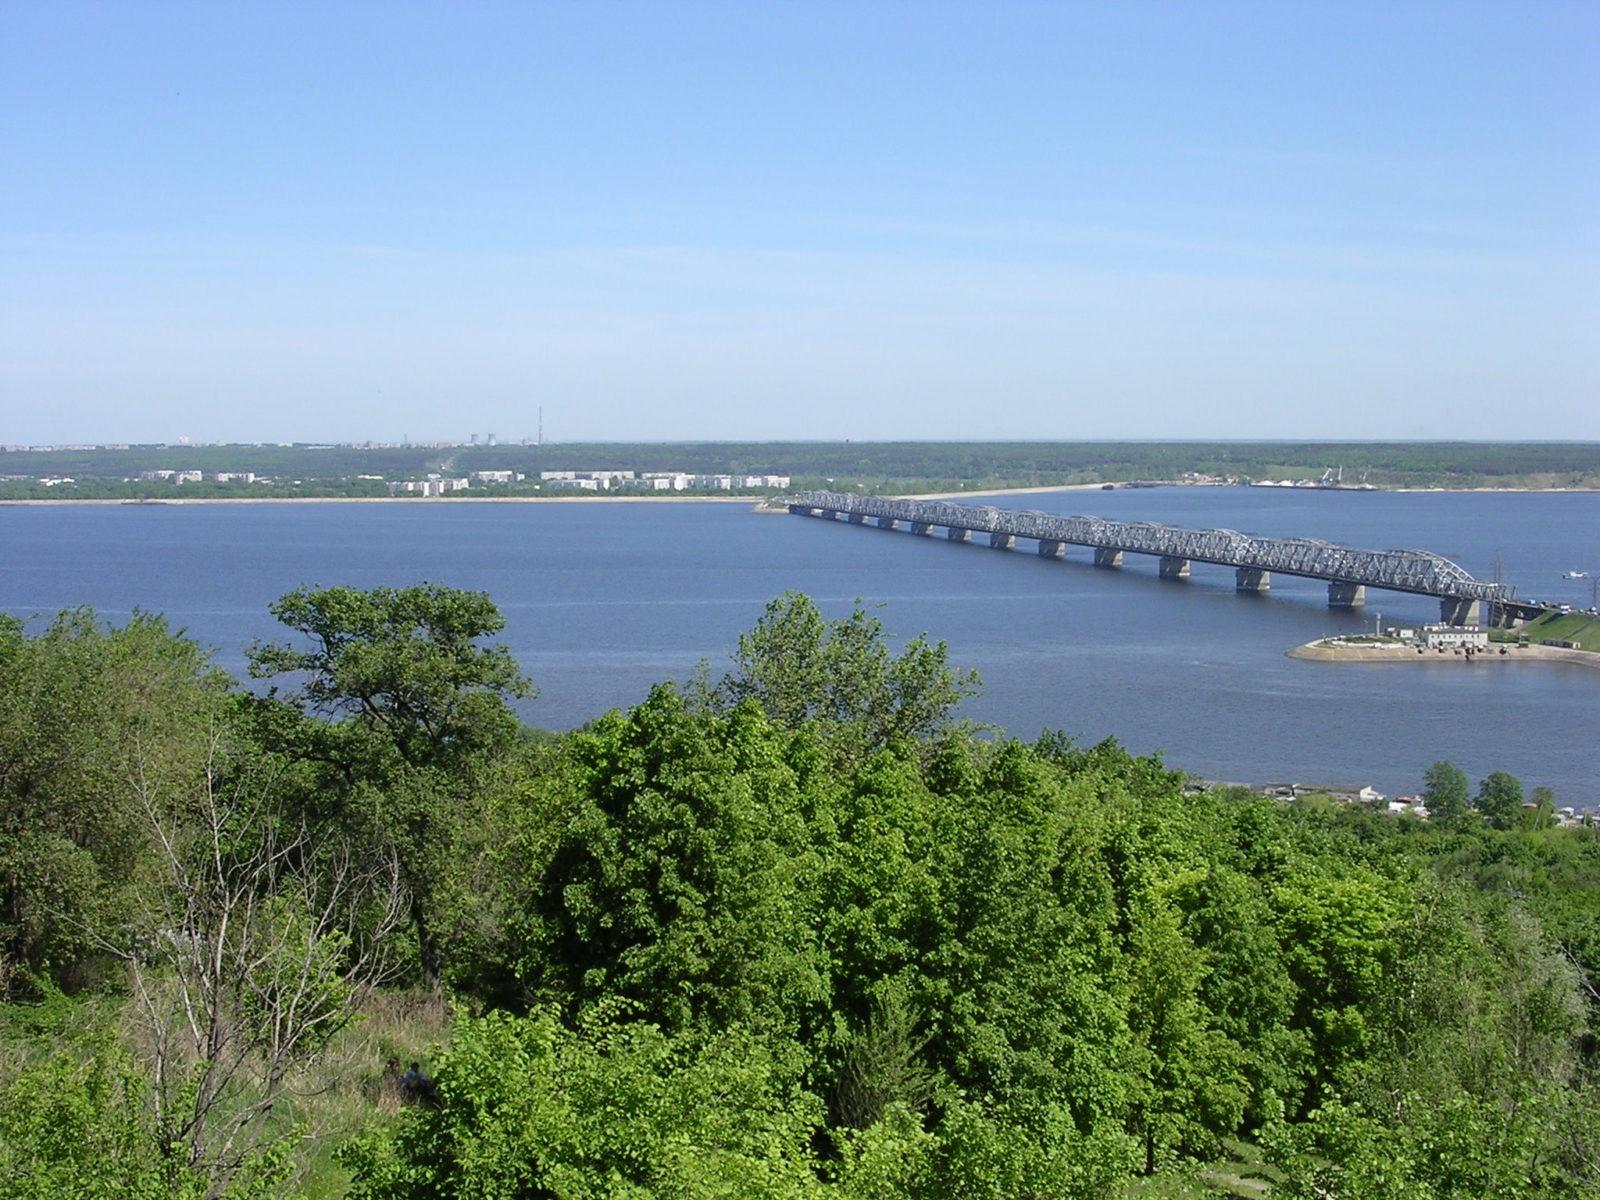 Wolga in Ulyanovsk; Olegivvit